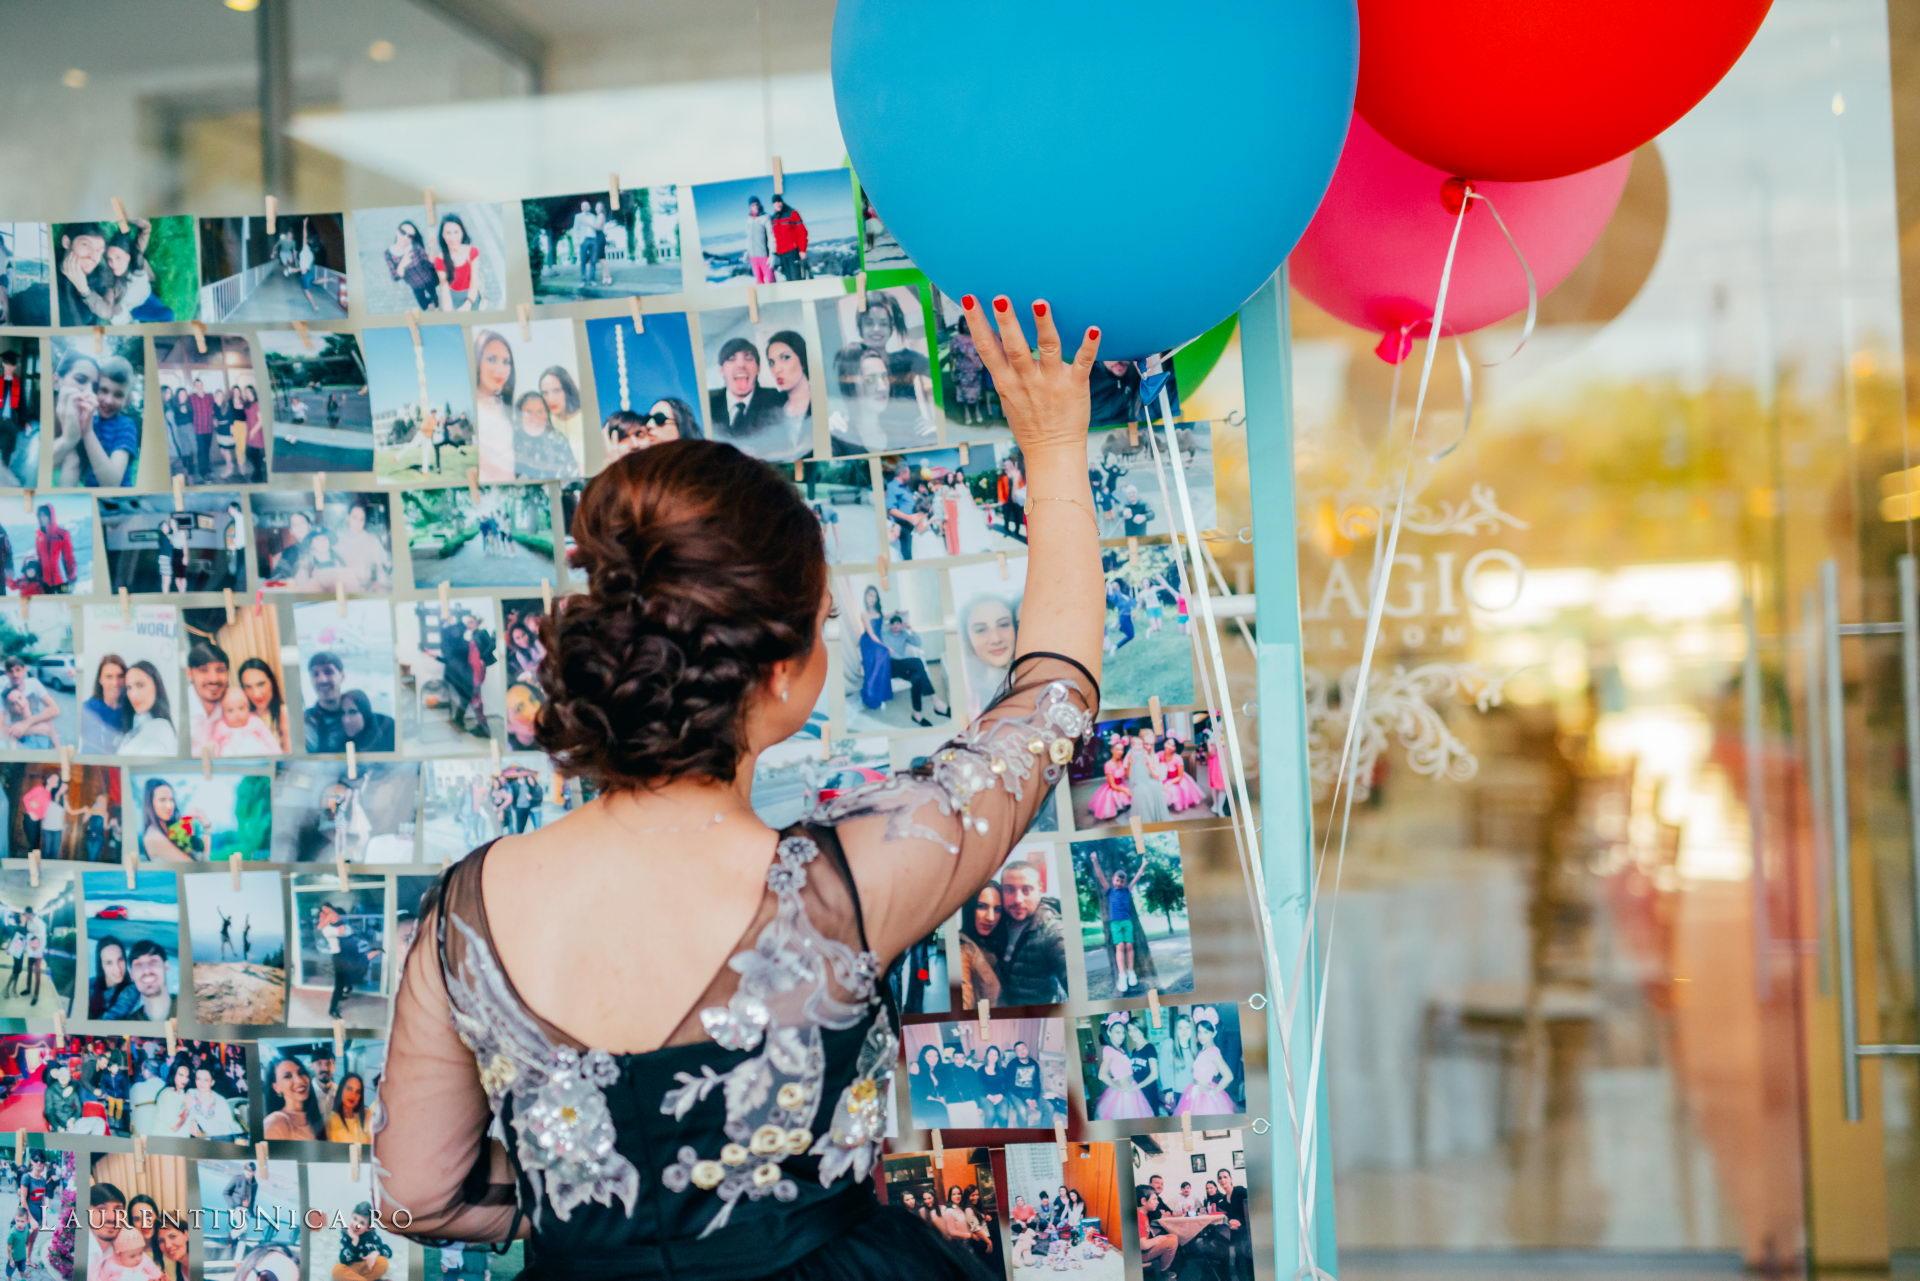 Cristina si Ovidiu nunta Craiova fotograf laurentiu nica 120 - Cristina & Ovidiu | Fotografii nunta | Craiova